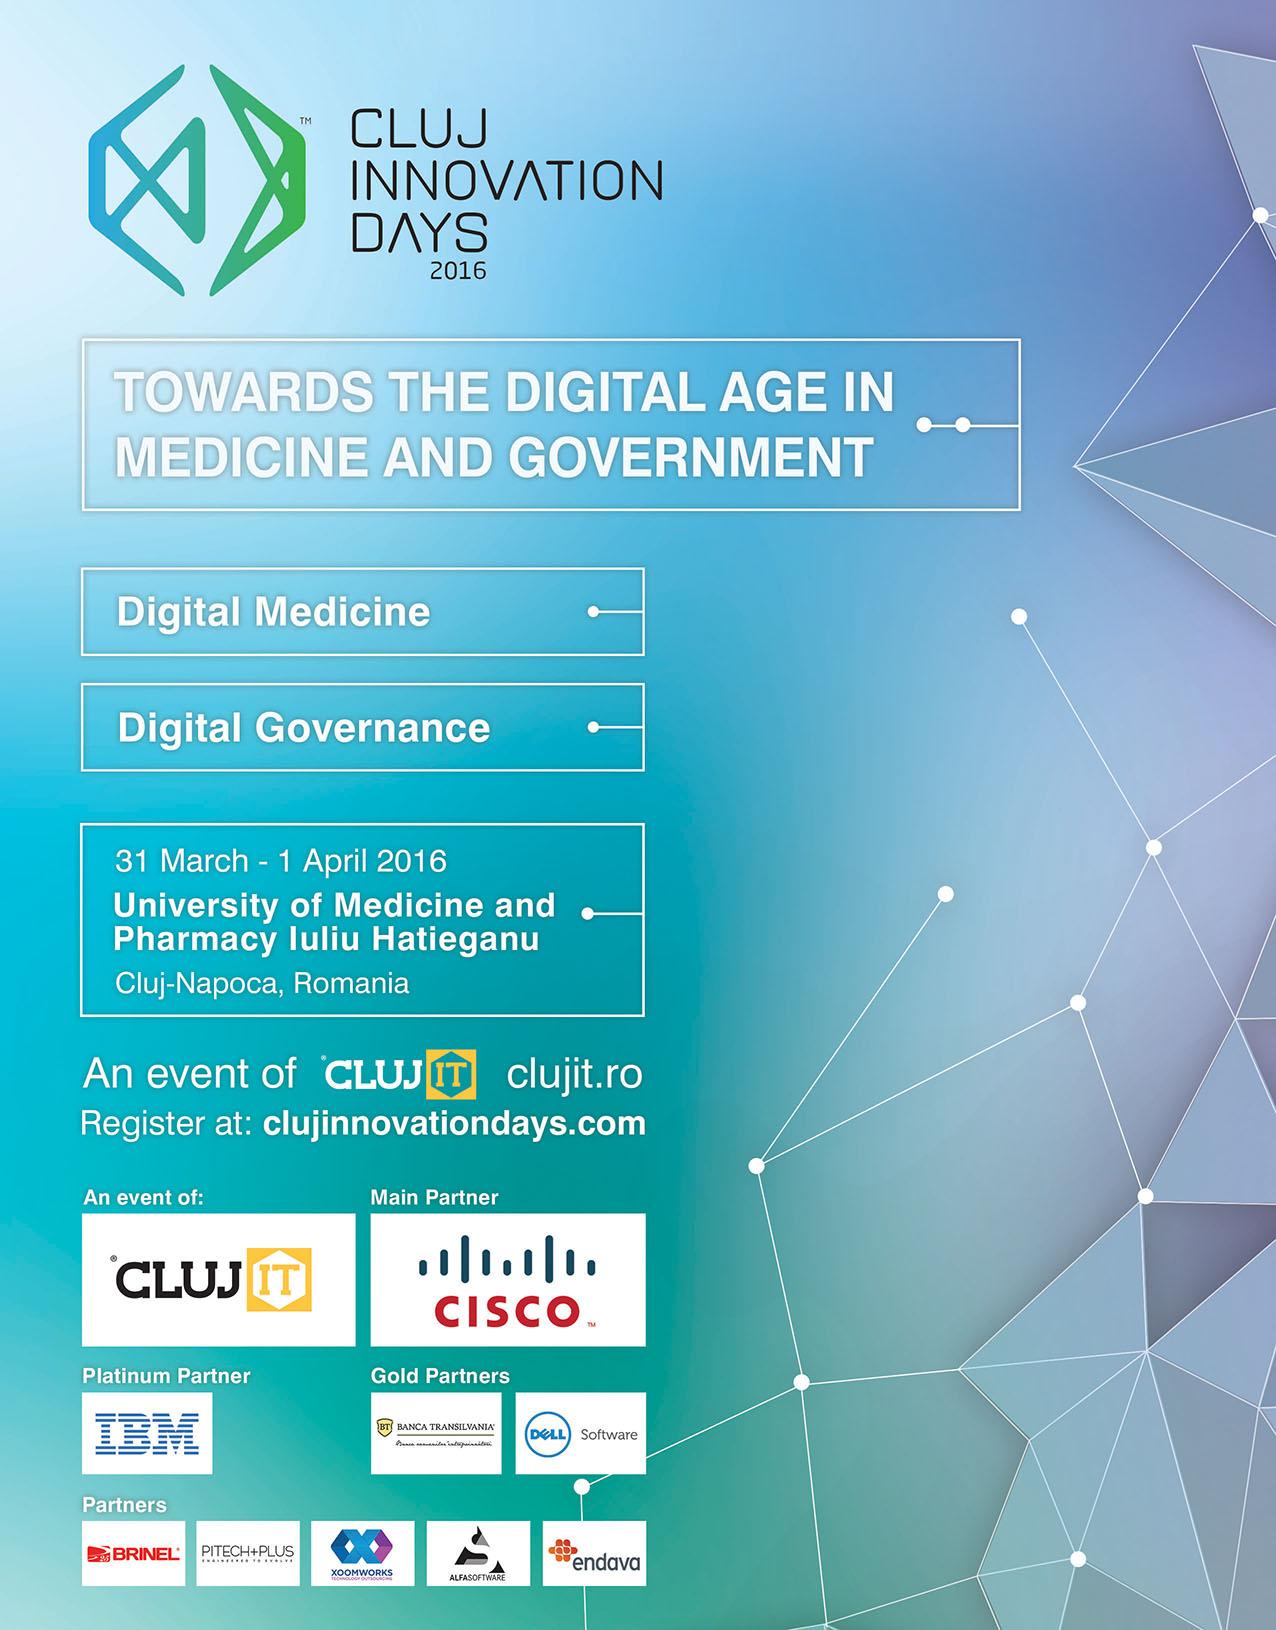 Specialiști români și străini dezbat perspectivele medicinei digitale la Cluj Innovation Days 2016